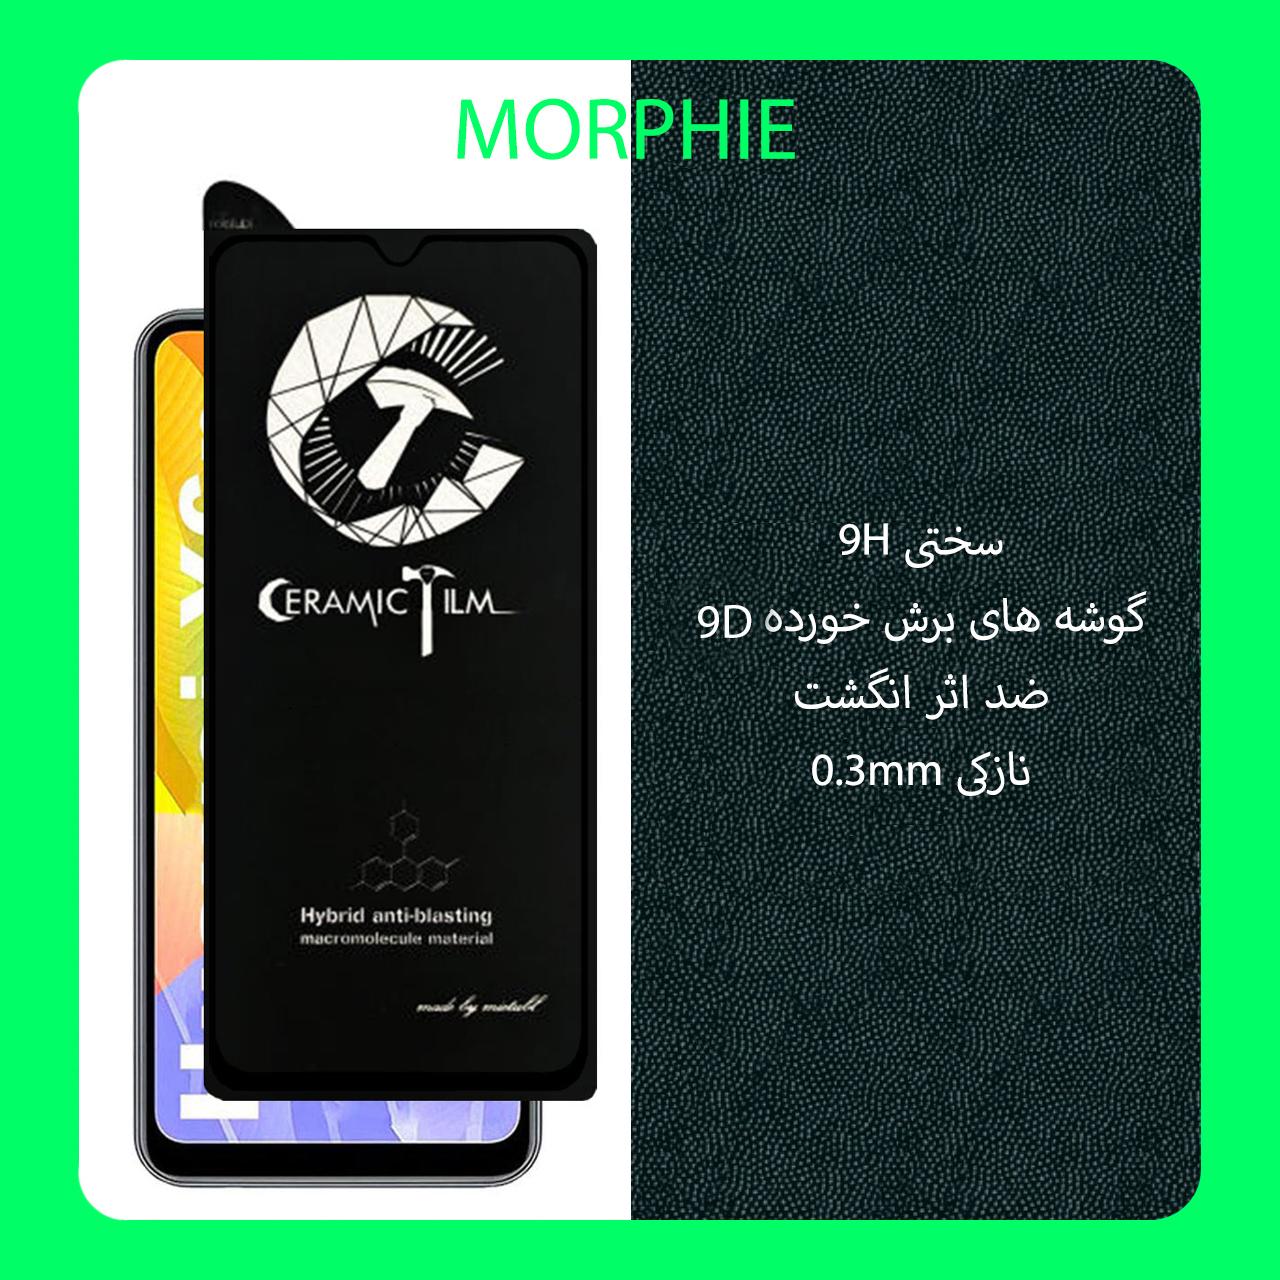 محافظ صفحه نمایش سرامیکی مورفی مدل MEIC_2 مناسب برای گوشی موبایل هوآوی Y6P بسته 2 عددی